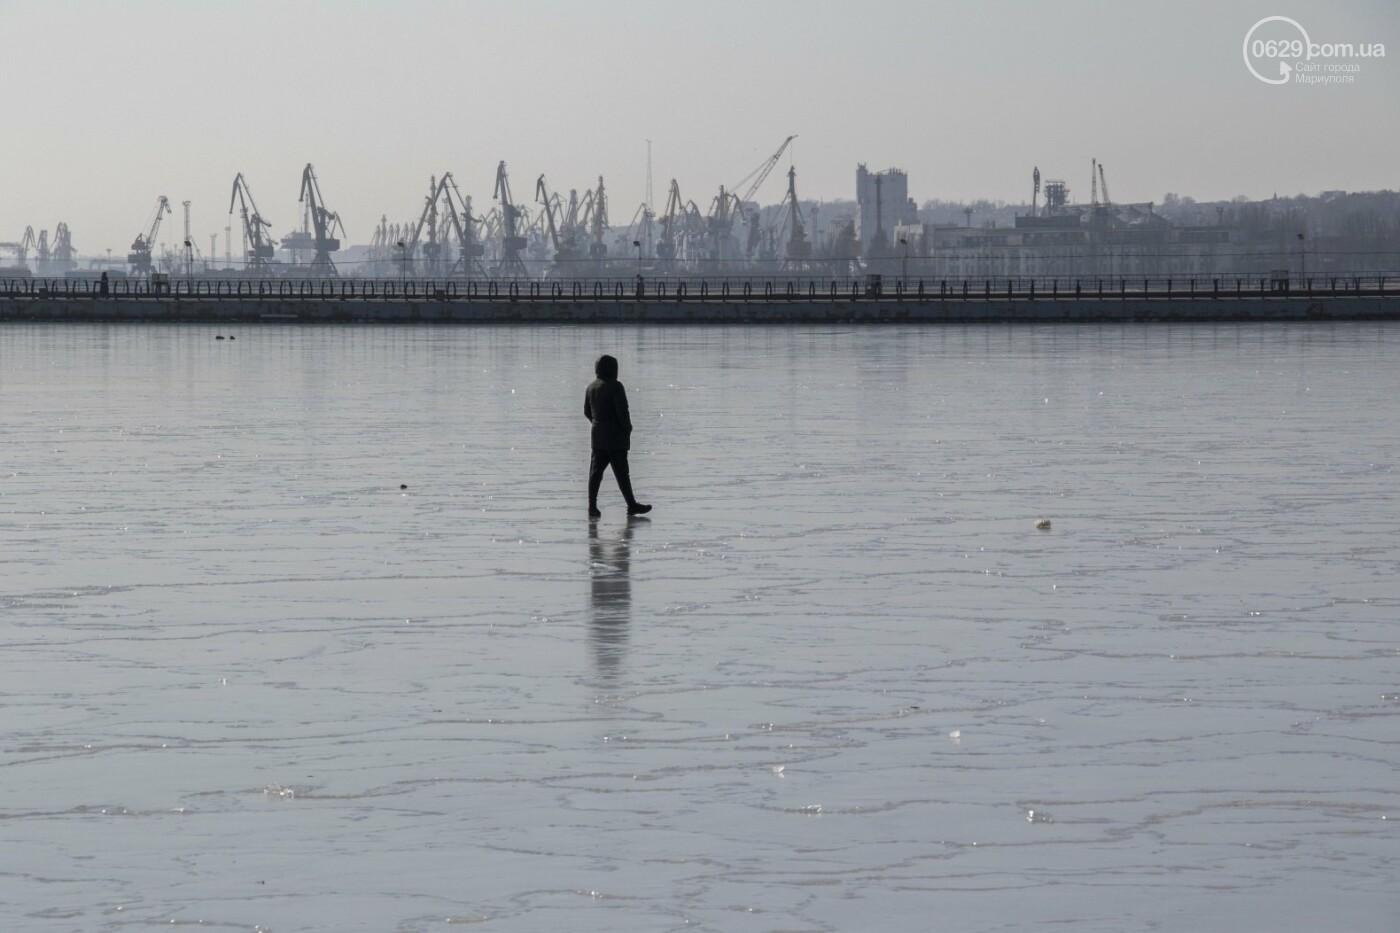 Встать в центр моря и не утонуть. 20 фотографий зимнего Азова в Мариуполе, - ФОТОРЕПОРТАЖ, фото-2